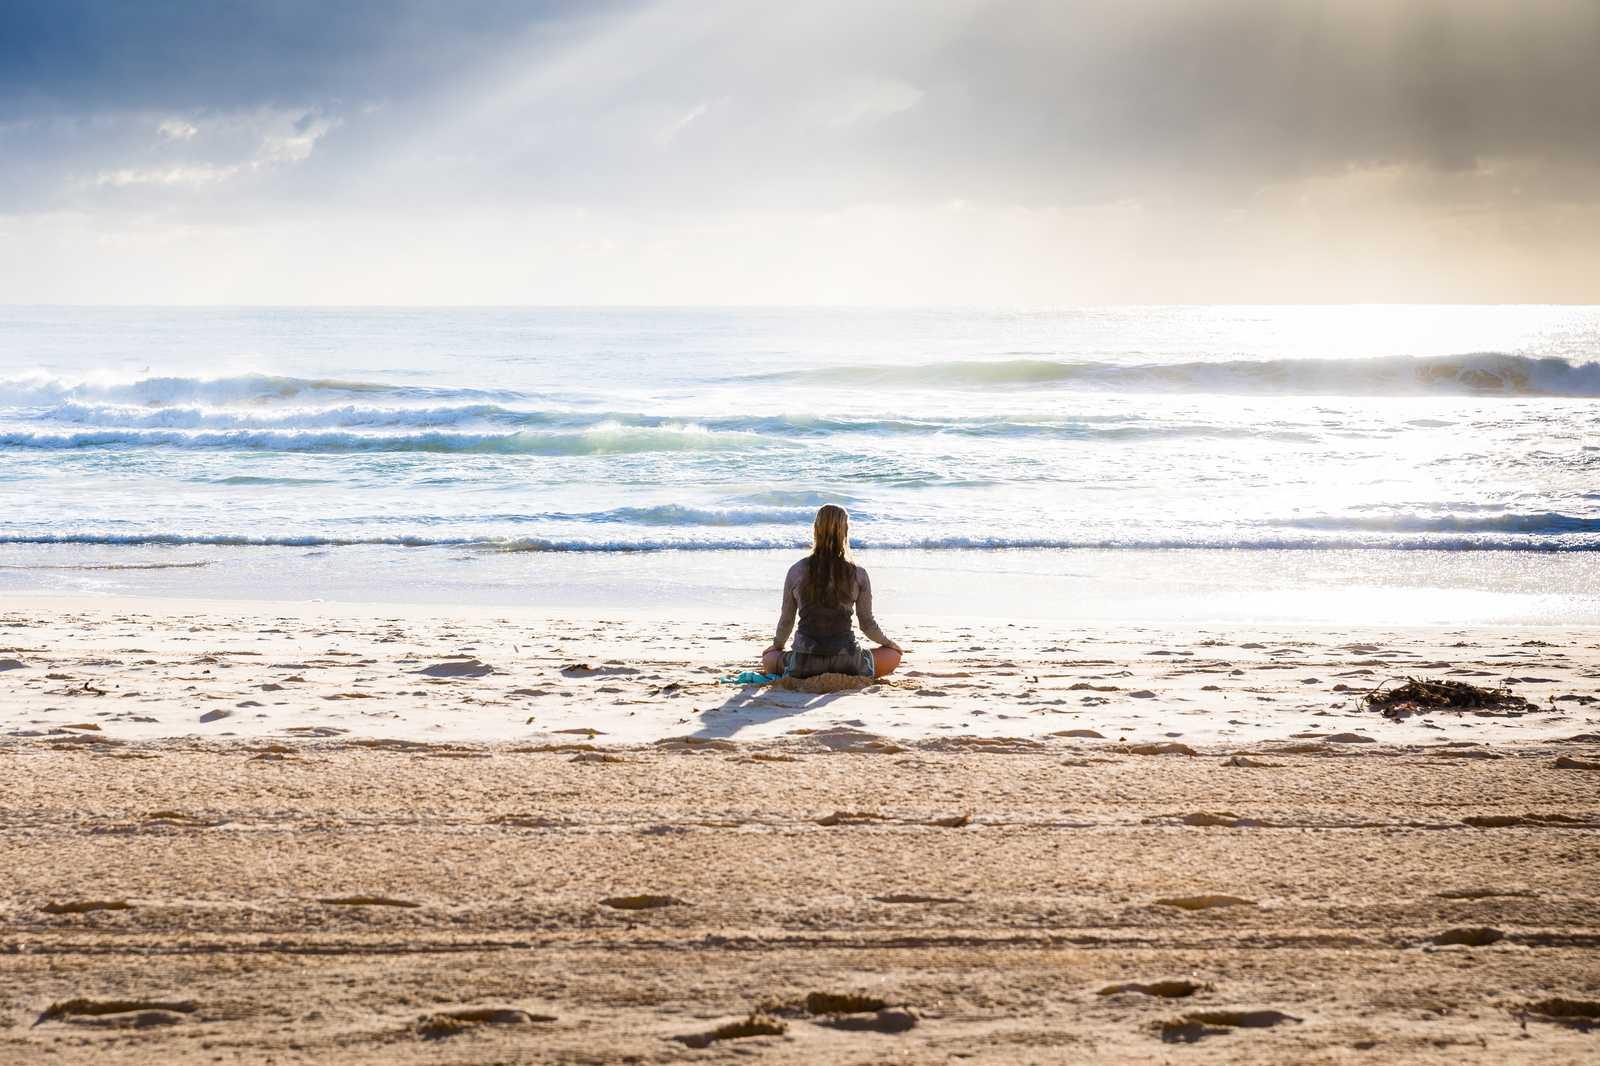 Os tempos de crise como o de uma Pandemia sugerem novas práticas de promoção da saúde mental: iniciação à meditação